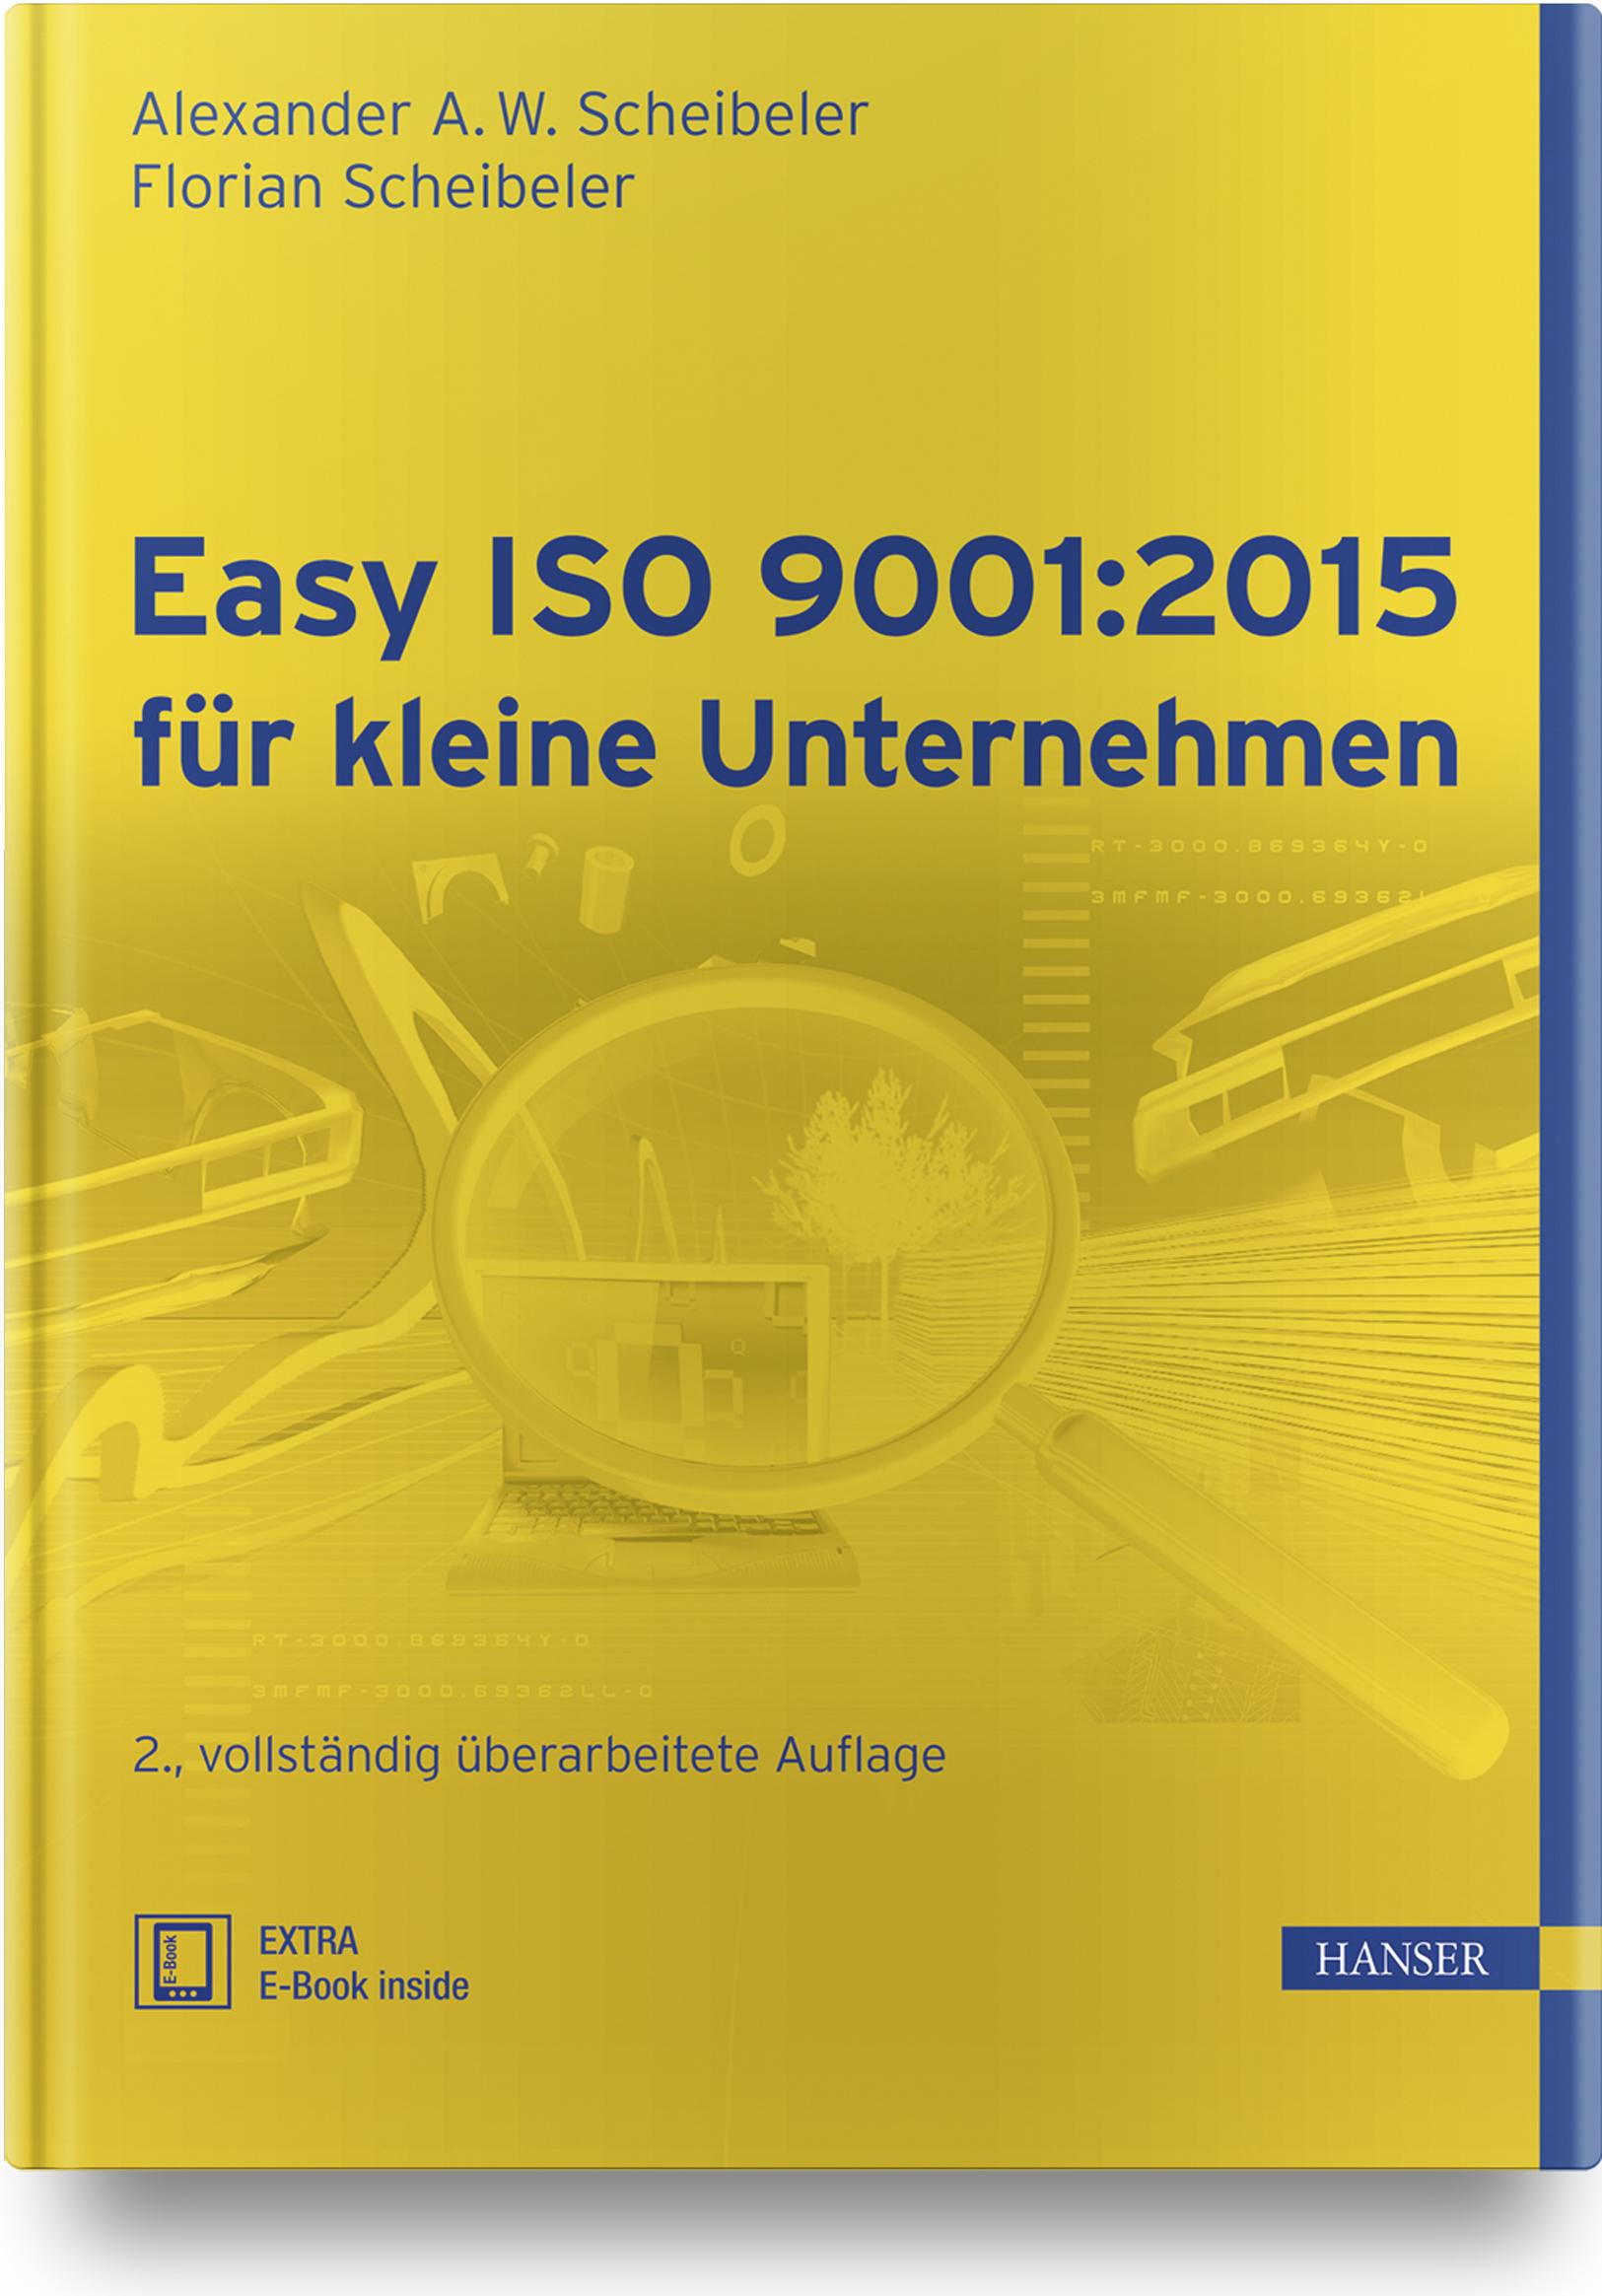 Scheibeler, Scheibeler, Easy ISO 9001:2015 für kleine Unternehmen, 978-3-446-45180-3